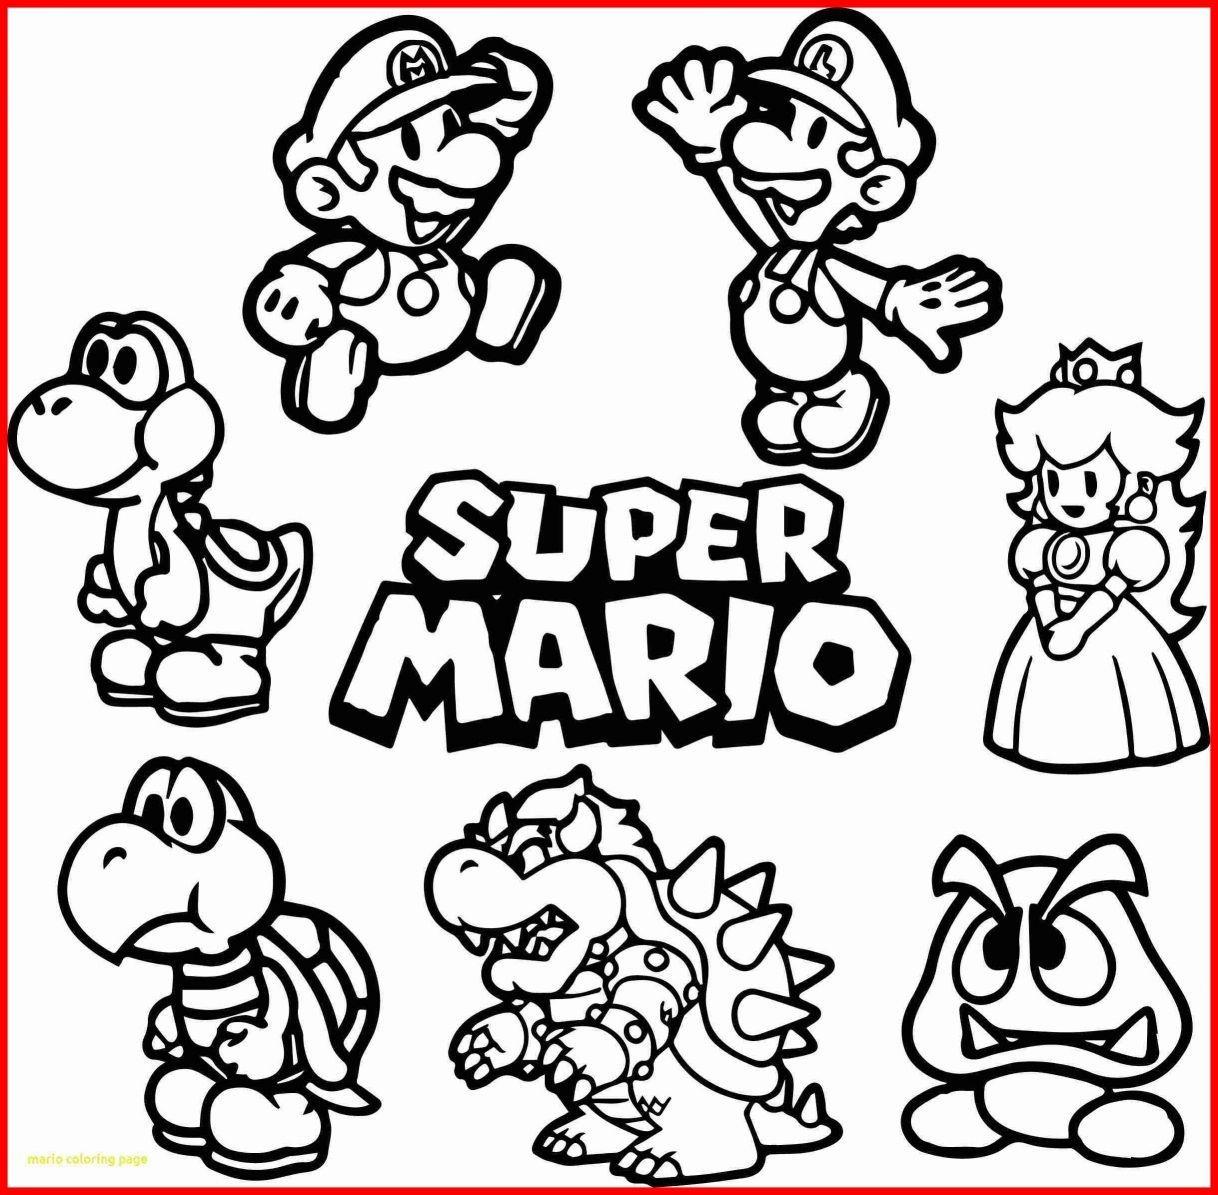 Coloring Ideas : Super Mario Bros Coloring Pages Printable At - Mario Coloring Pages Free Printable